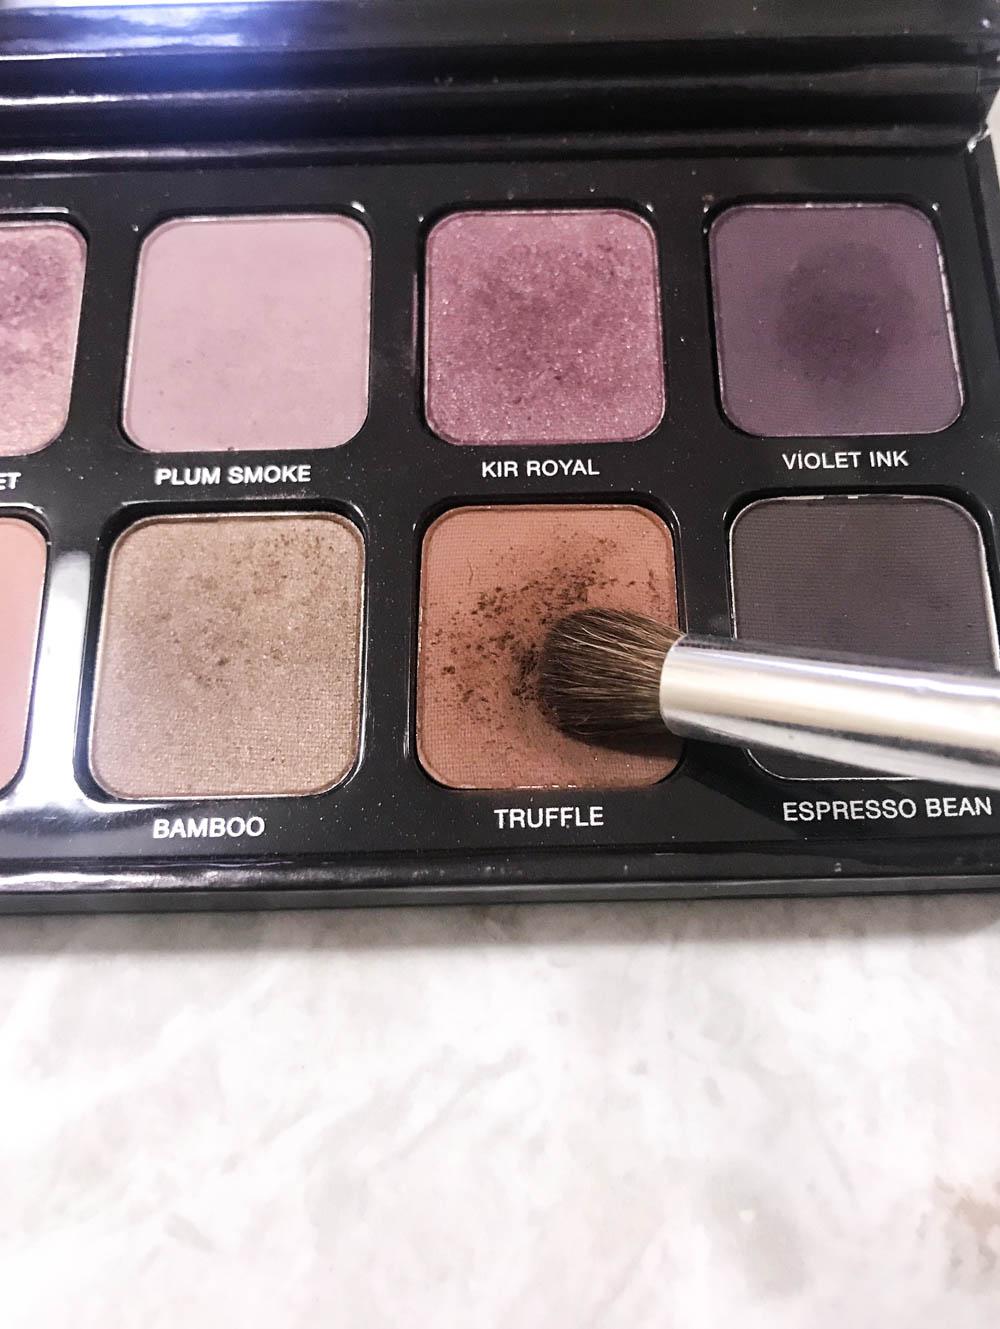 Christmas Makeup Tutorial For Brown Eyes | Laura Mercier Eye Art Artist's Palette Makeup Look | The Beauty Mirror | The Beauty Vanity